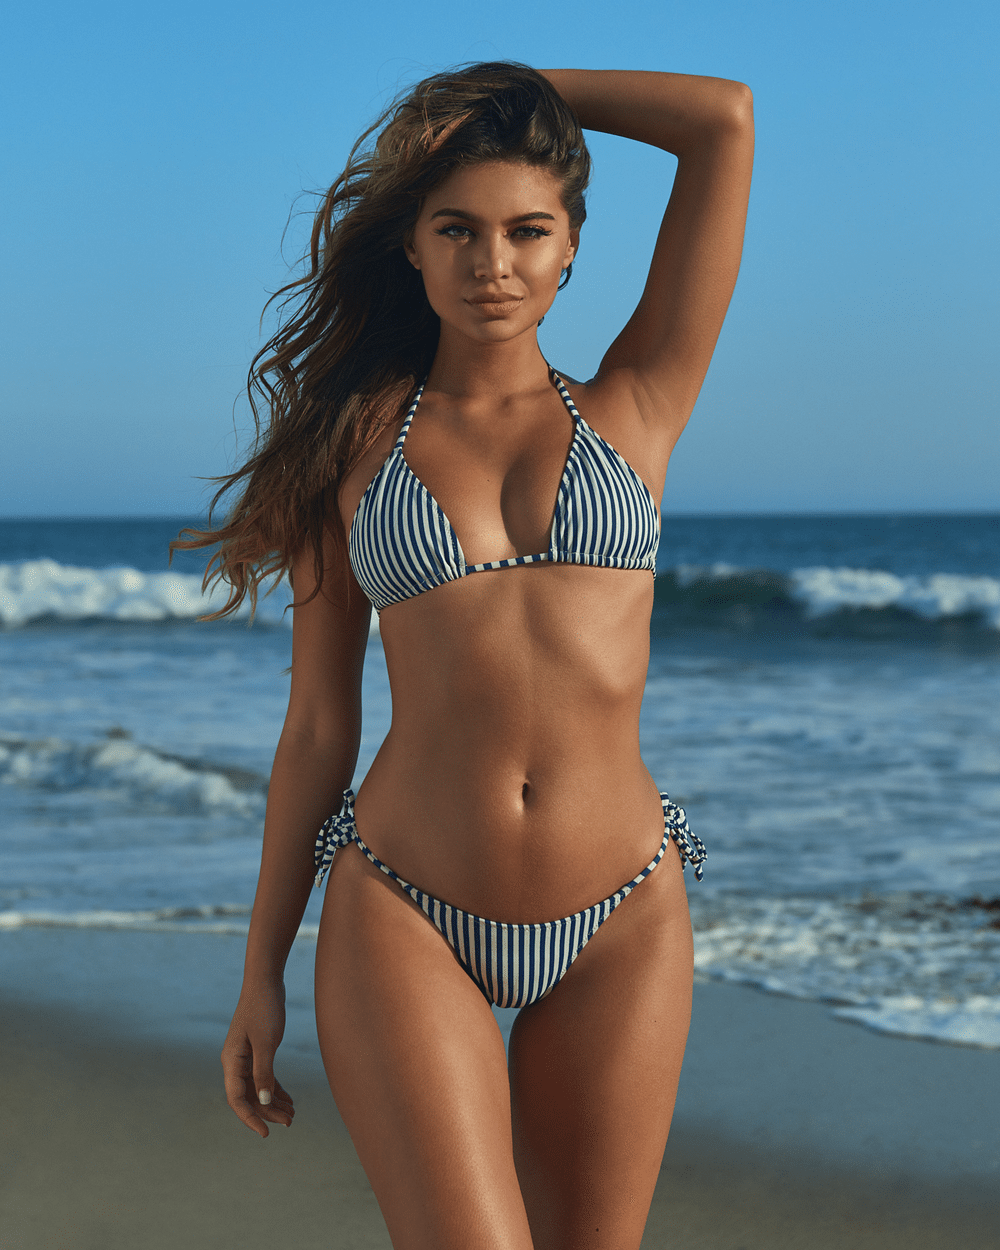 Celebrity Karmen Pedaru naked (47 photo), Topless, Fappening, Feet, underwear 2019